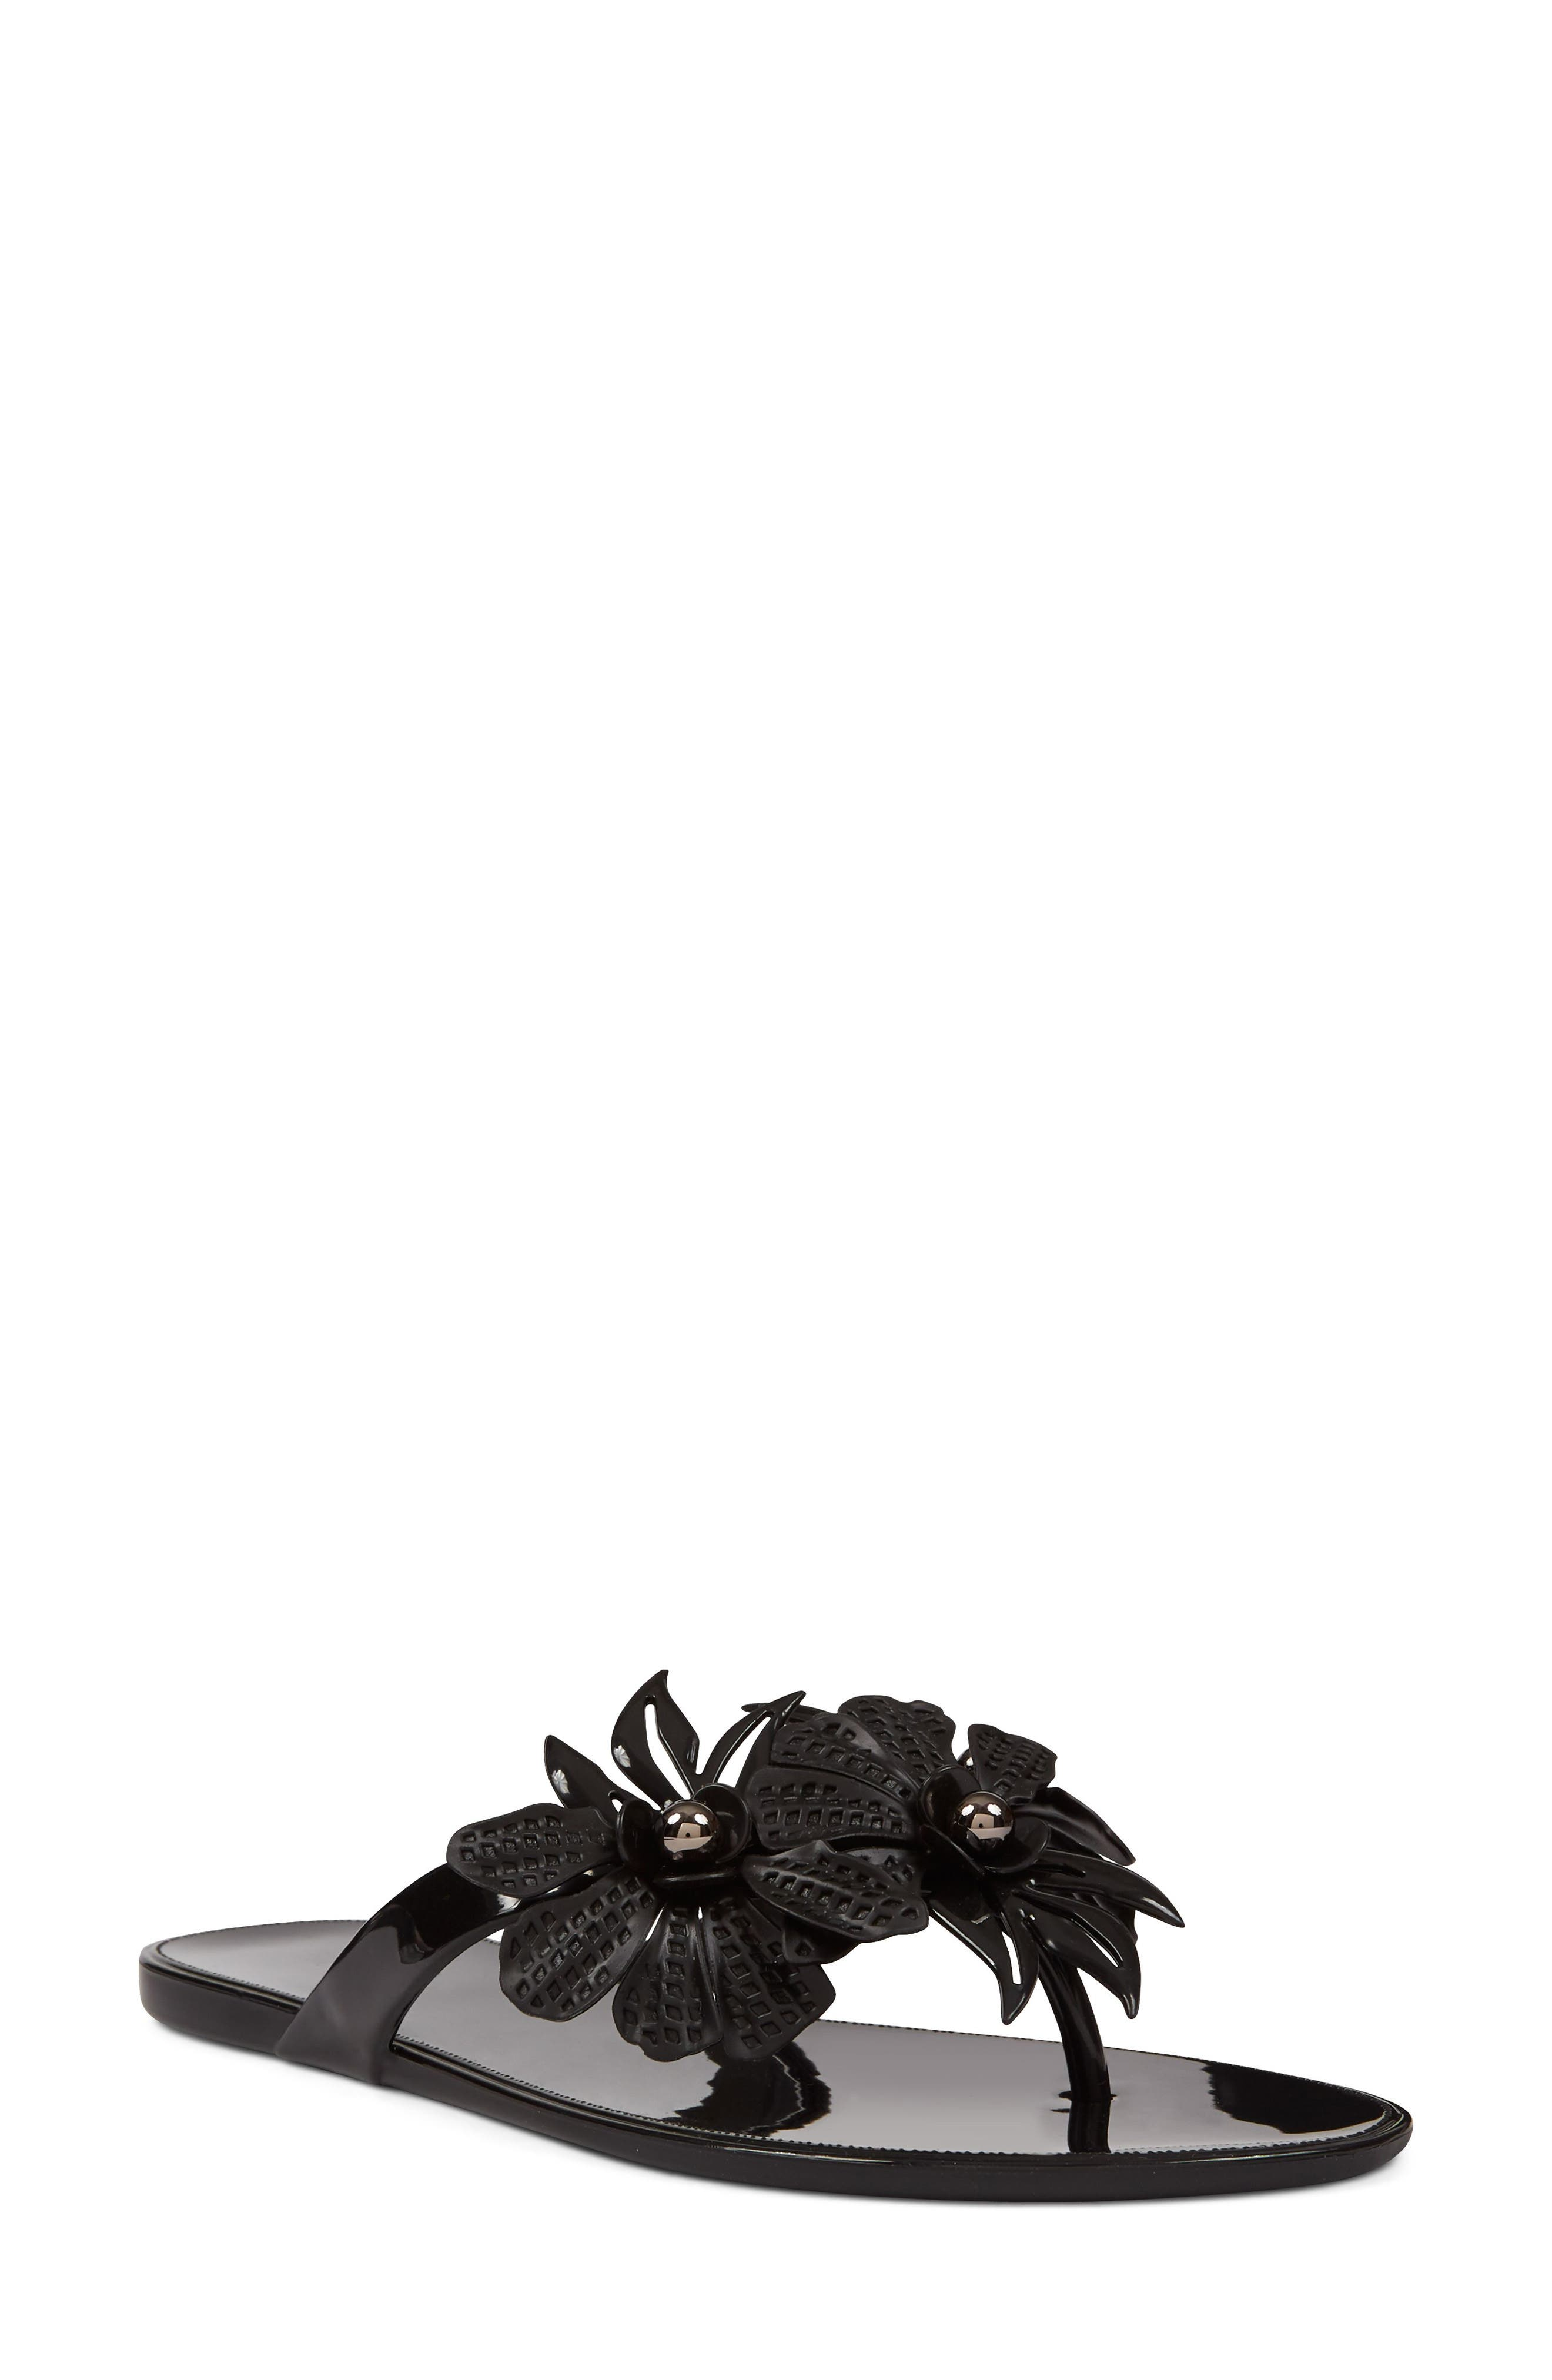 Macinee Thong Sandal,                         Main,                         color, 001